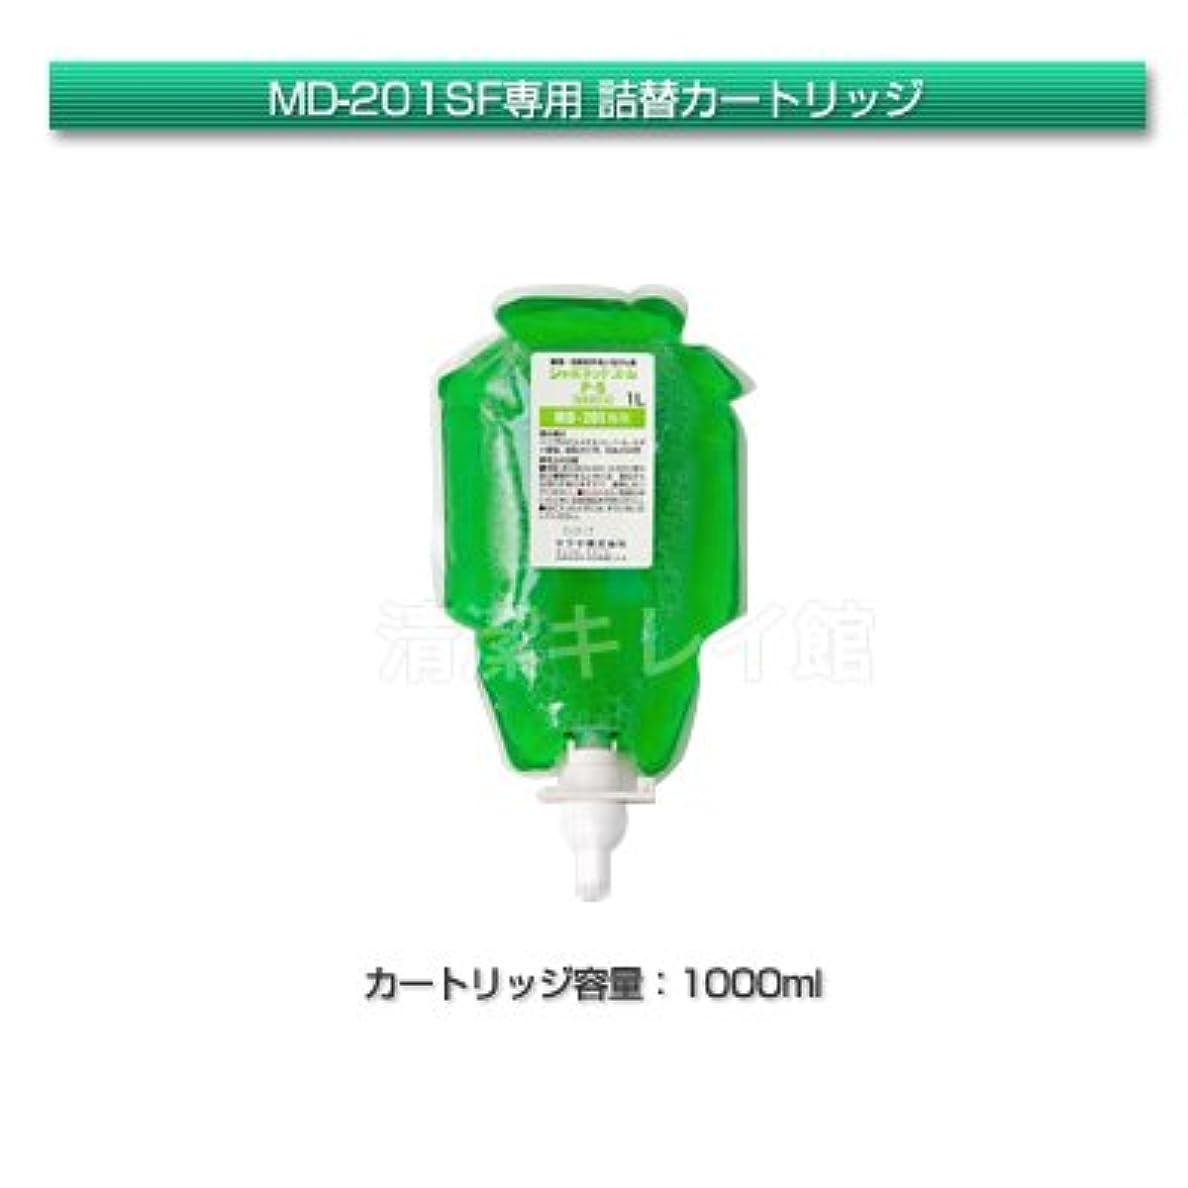 スパンシミュレートする野なサラヤ プッシュ式石鹸液 MD-201SF(泡)専用カートリッジ(ユムP-5)1000ml【清潔キレイ館】